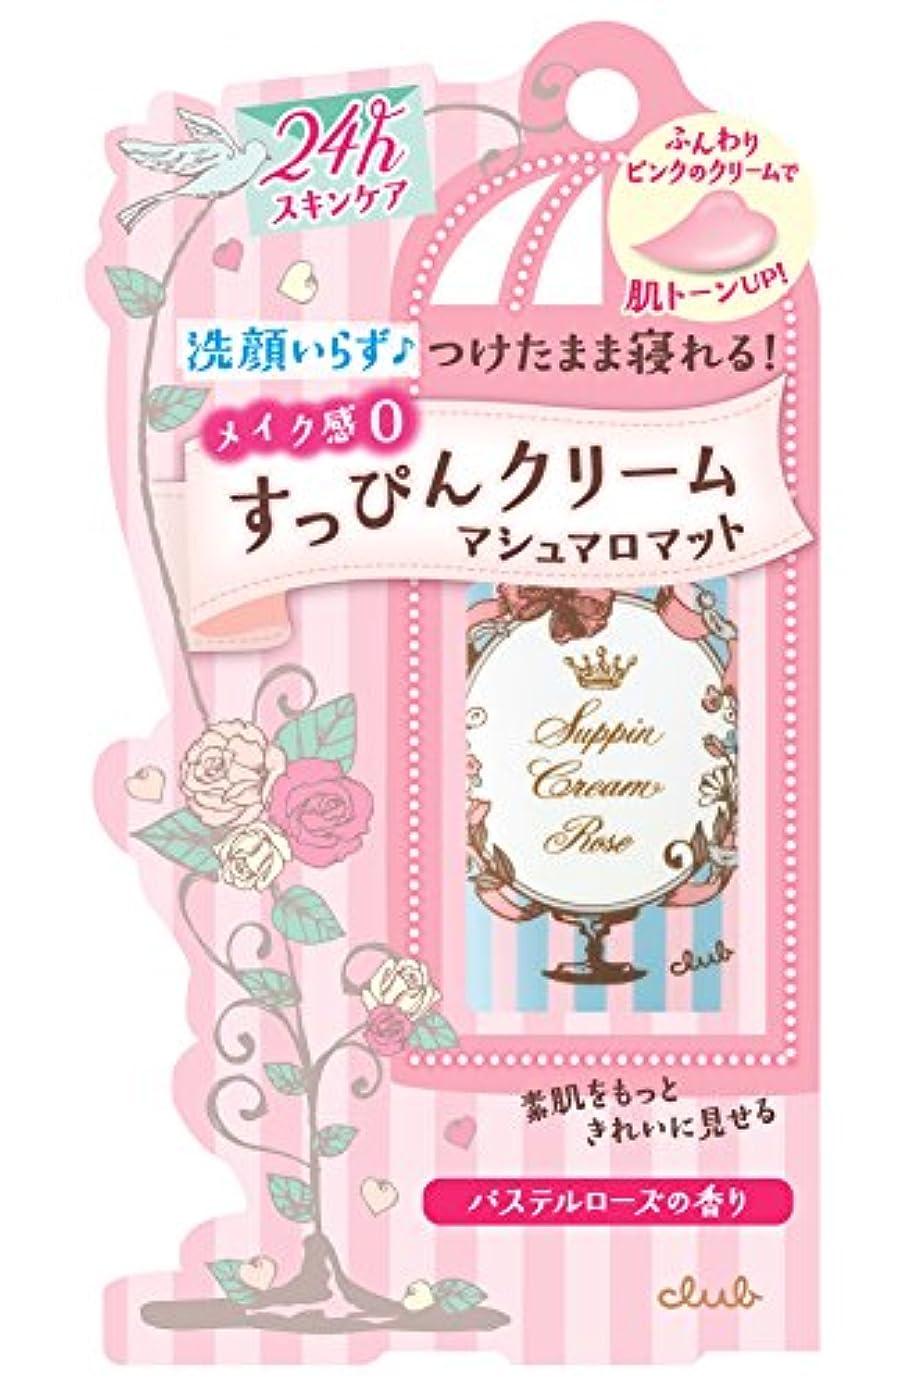 ガイドリアル扇動クラブ すっぴんクリーム マシュマロマット パステルローズの香り 30g